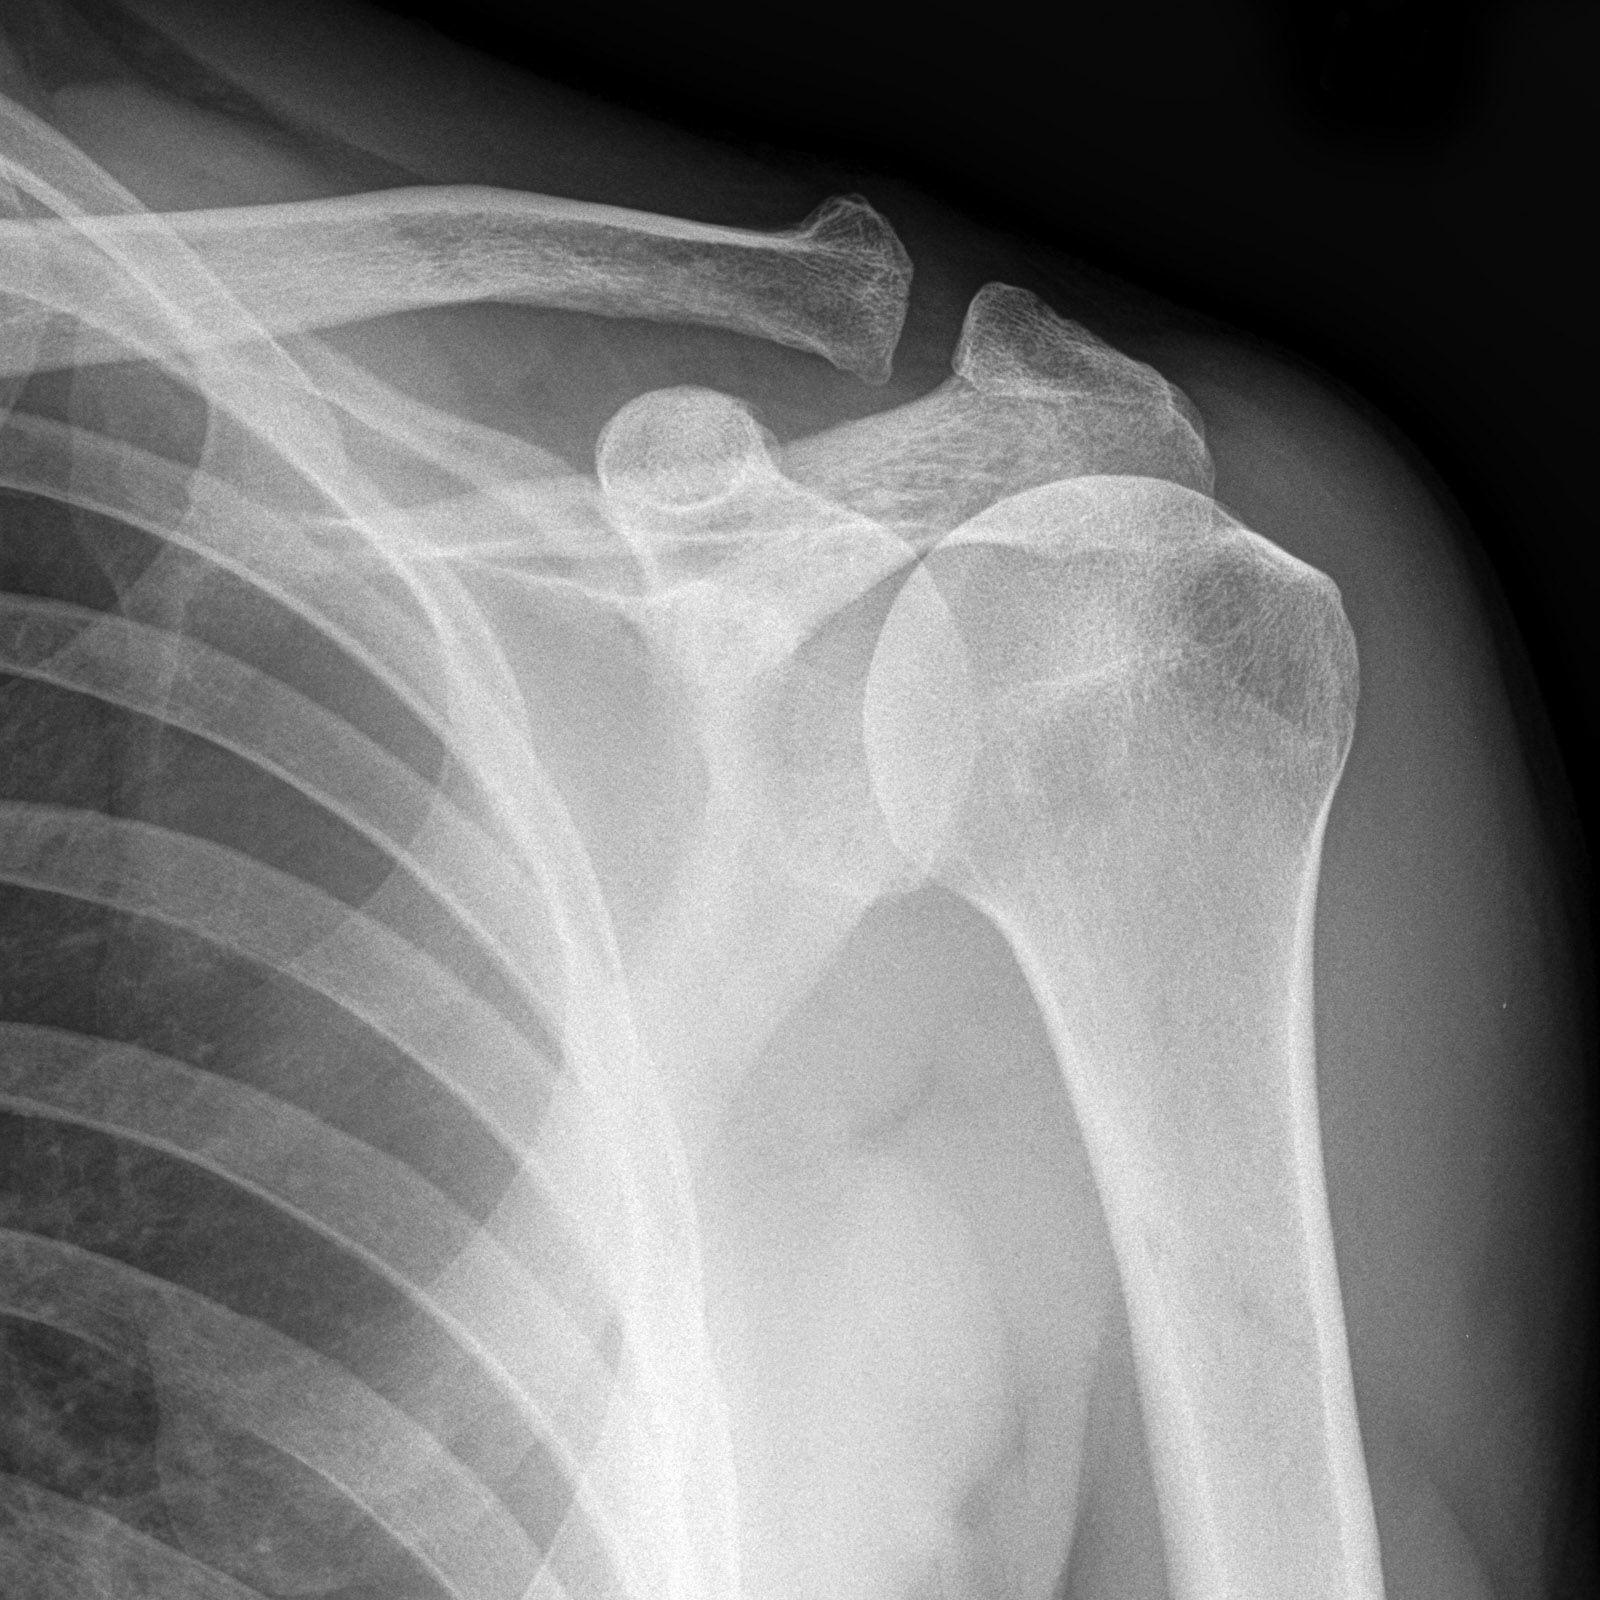 Fein Fußanatomie X Ray Bilder - Menschliche Anatomie Bilder ...